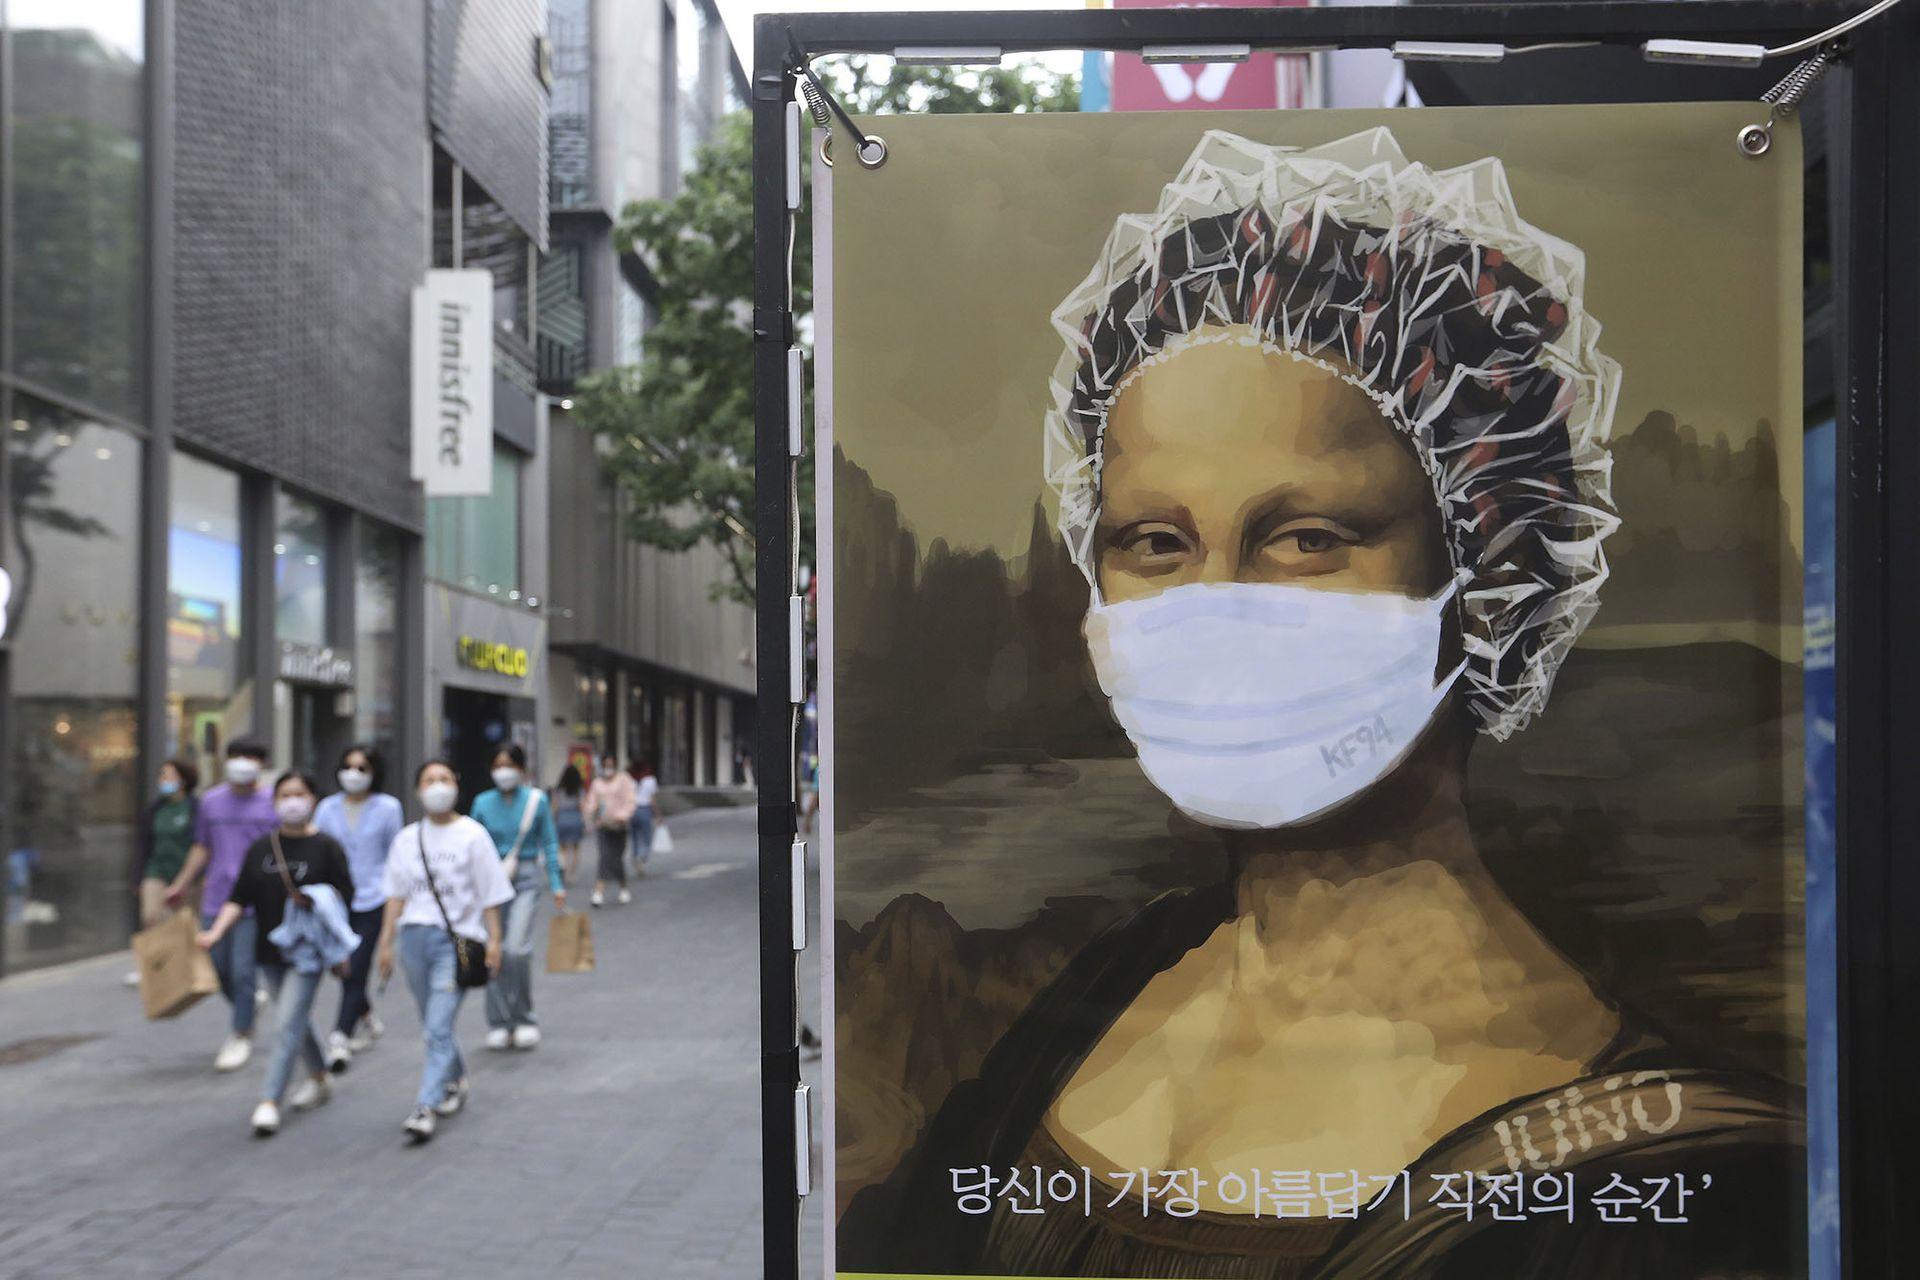 Hasta la Mona Lisa en un afiche publicitario de una peluquería usa barbijo en las calles de Seúl, Corea del Sur